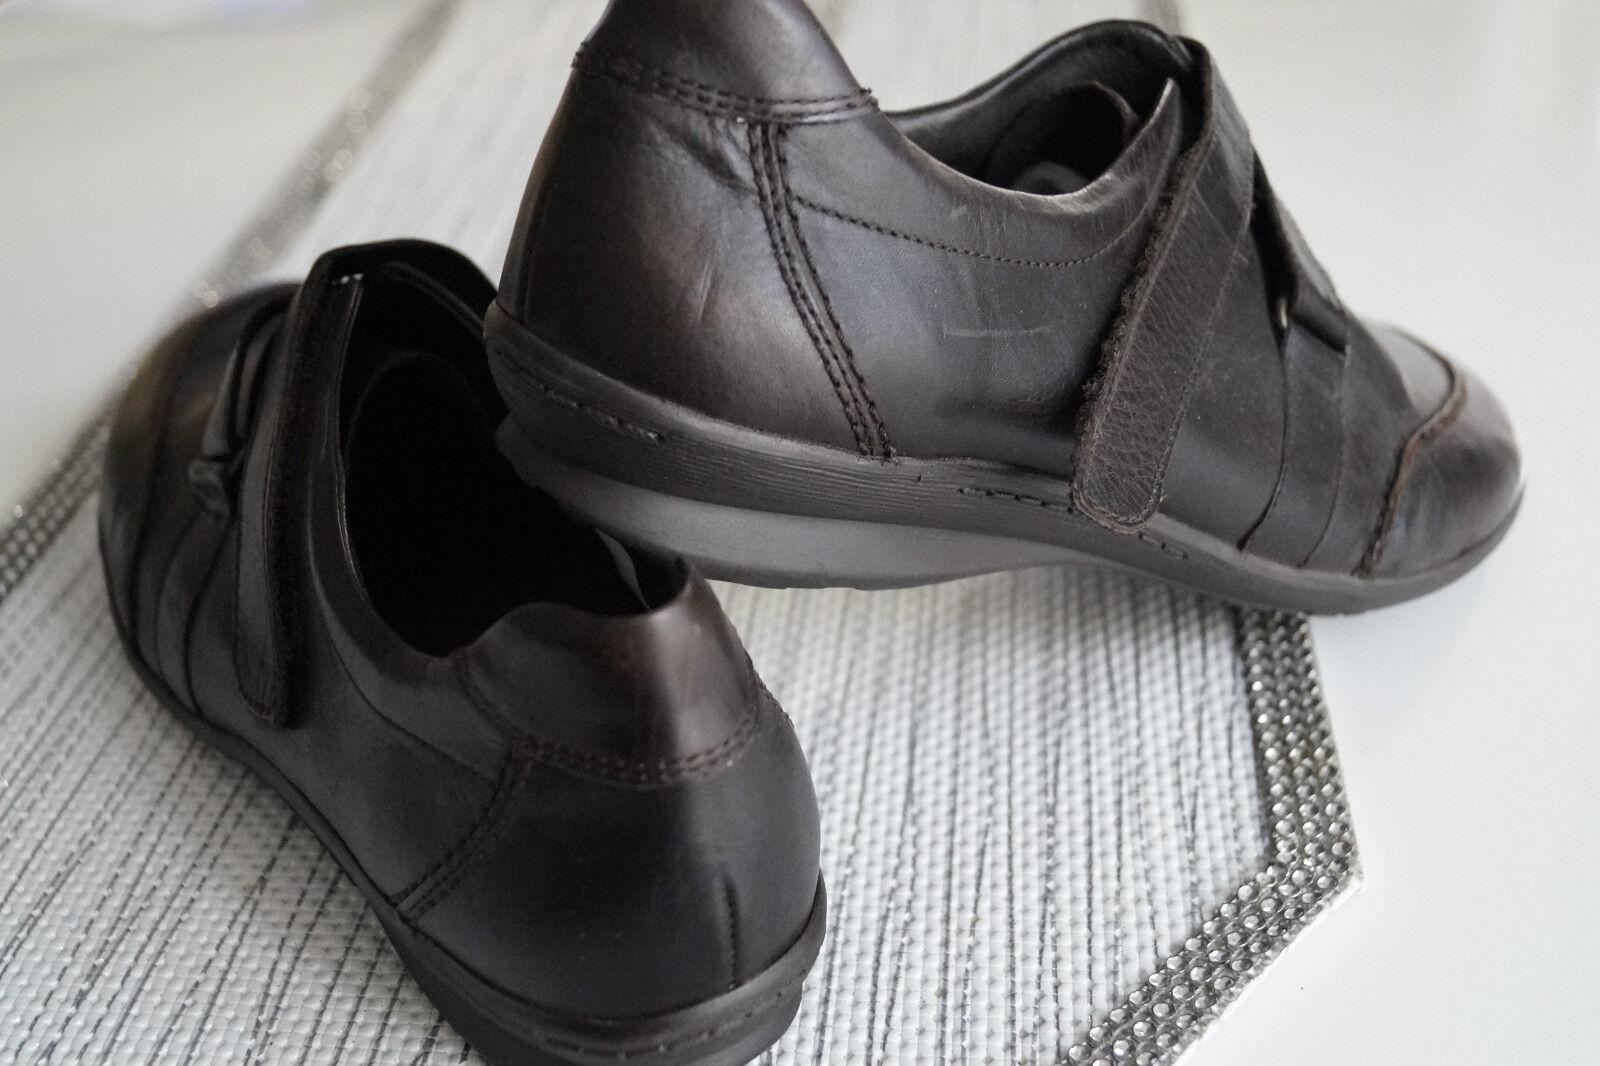 ARA Damen mit Schuhe Slipper Leder leicht mit Damen Einlagen Klett braun Gr.41 / 7,5 G NEU 37eb28